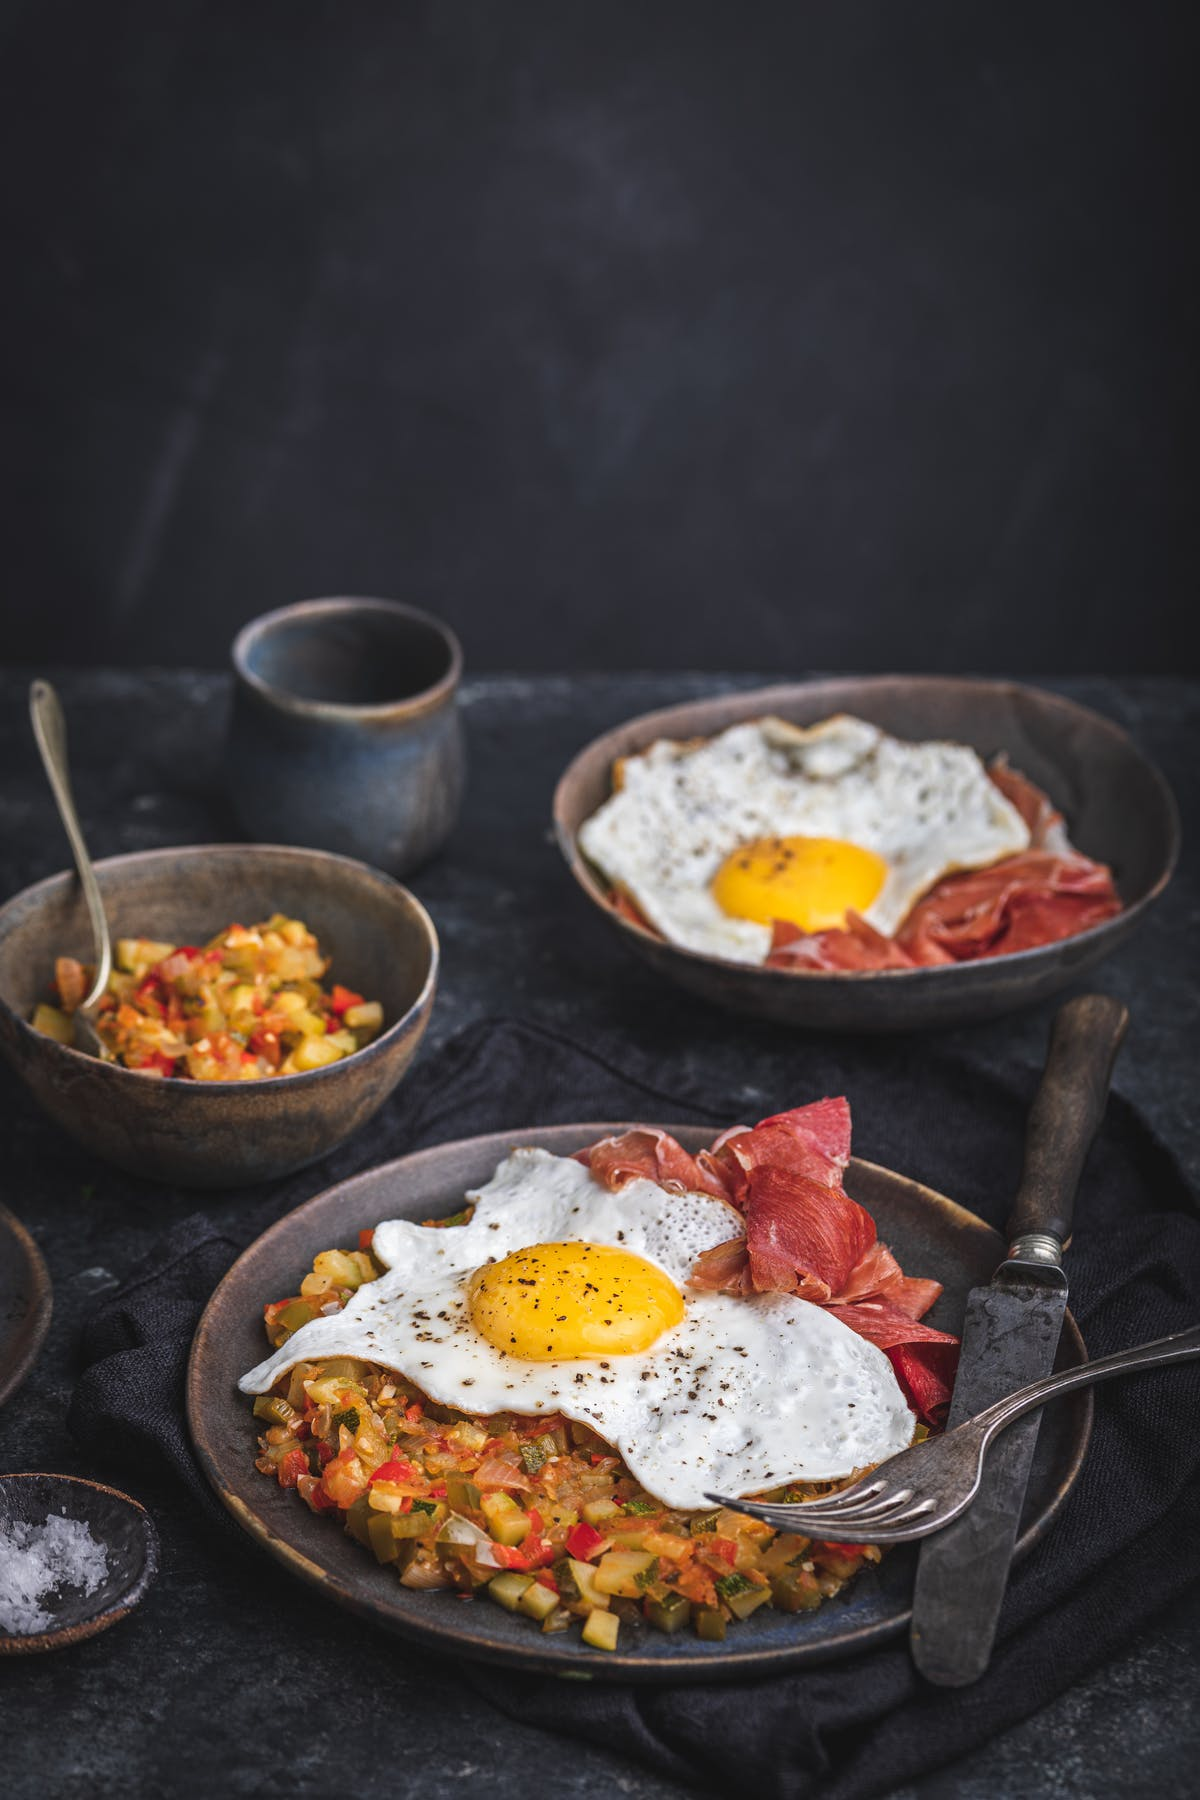 Spansk ratatouille med ägg och serranoskinka